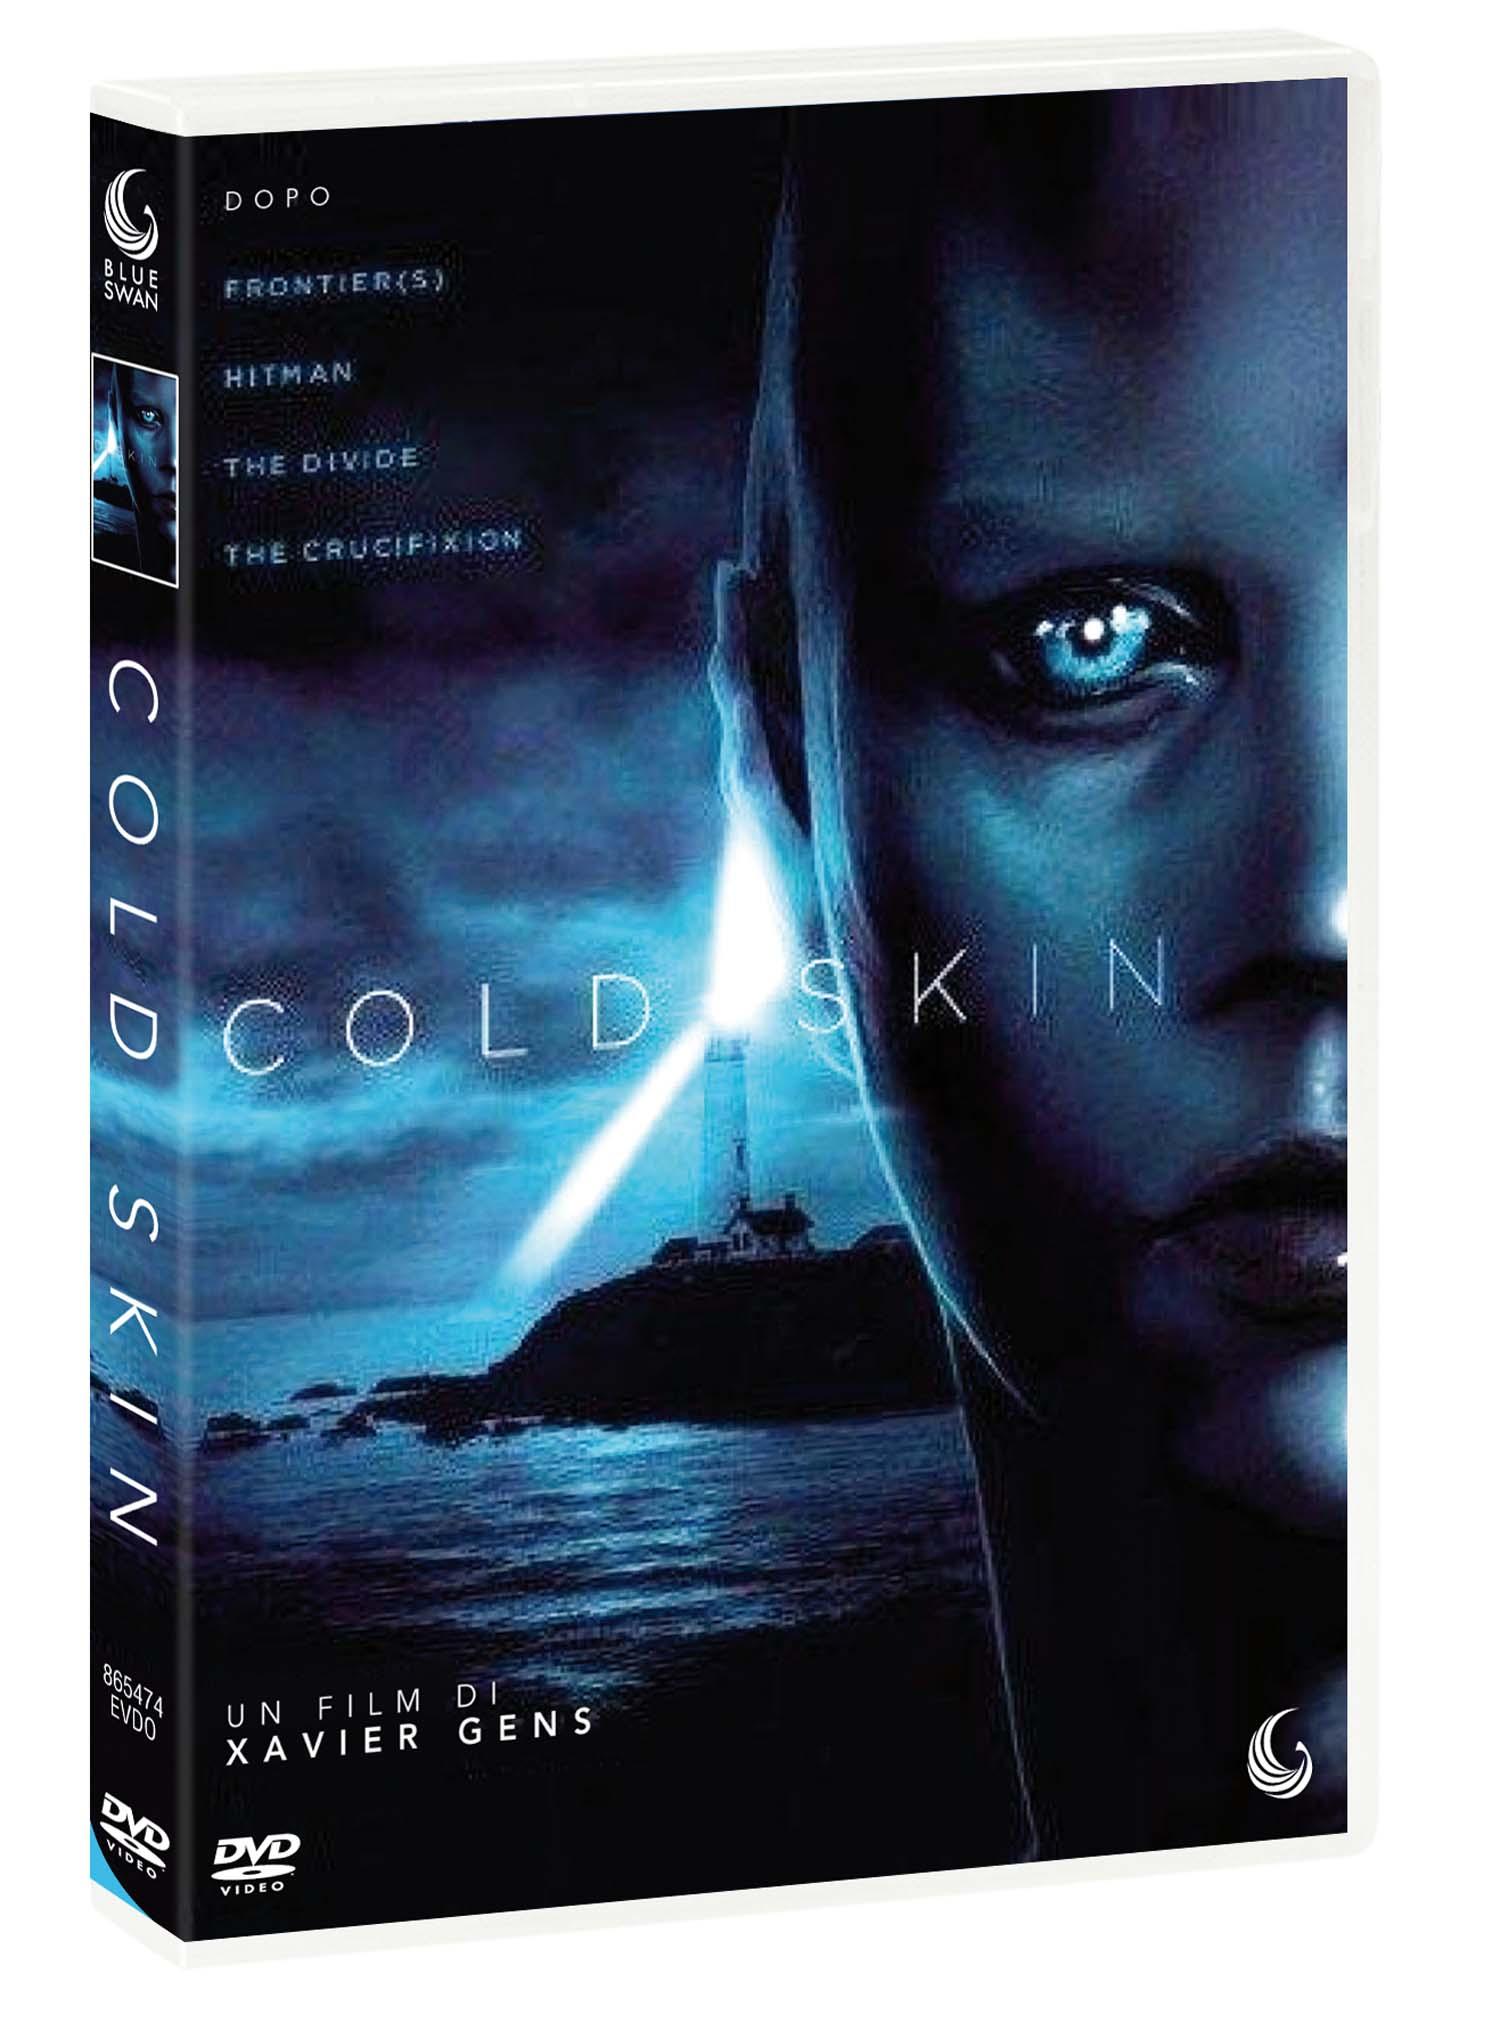 COLD SKIN - LA CREATURA DI ATLANTIDE (DVD)